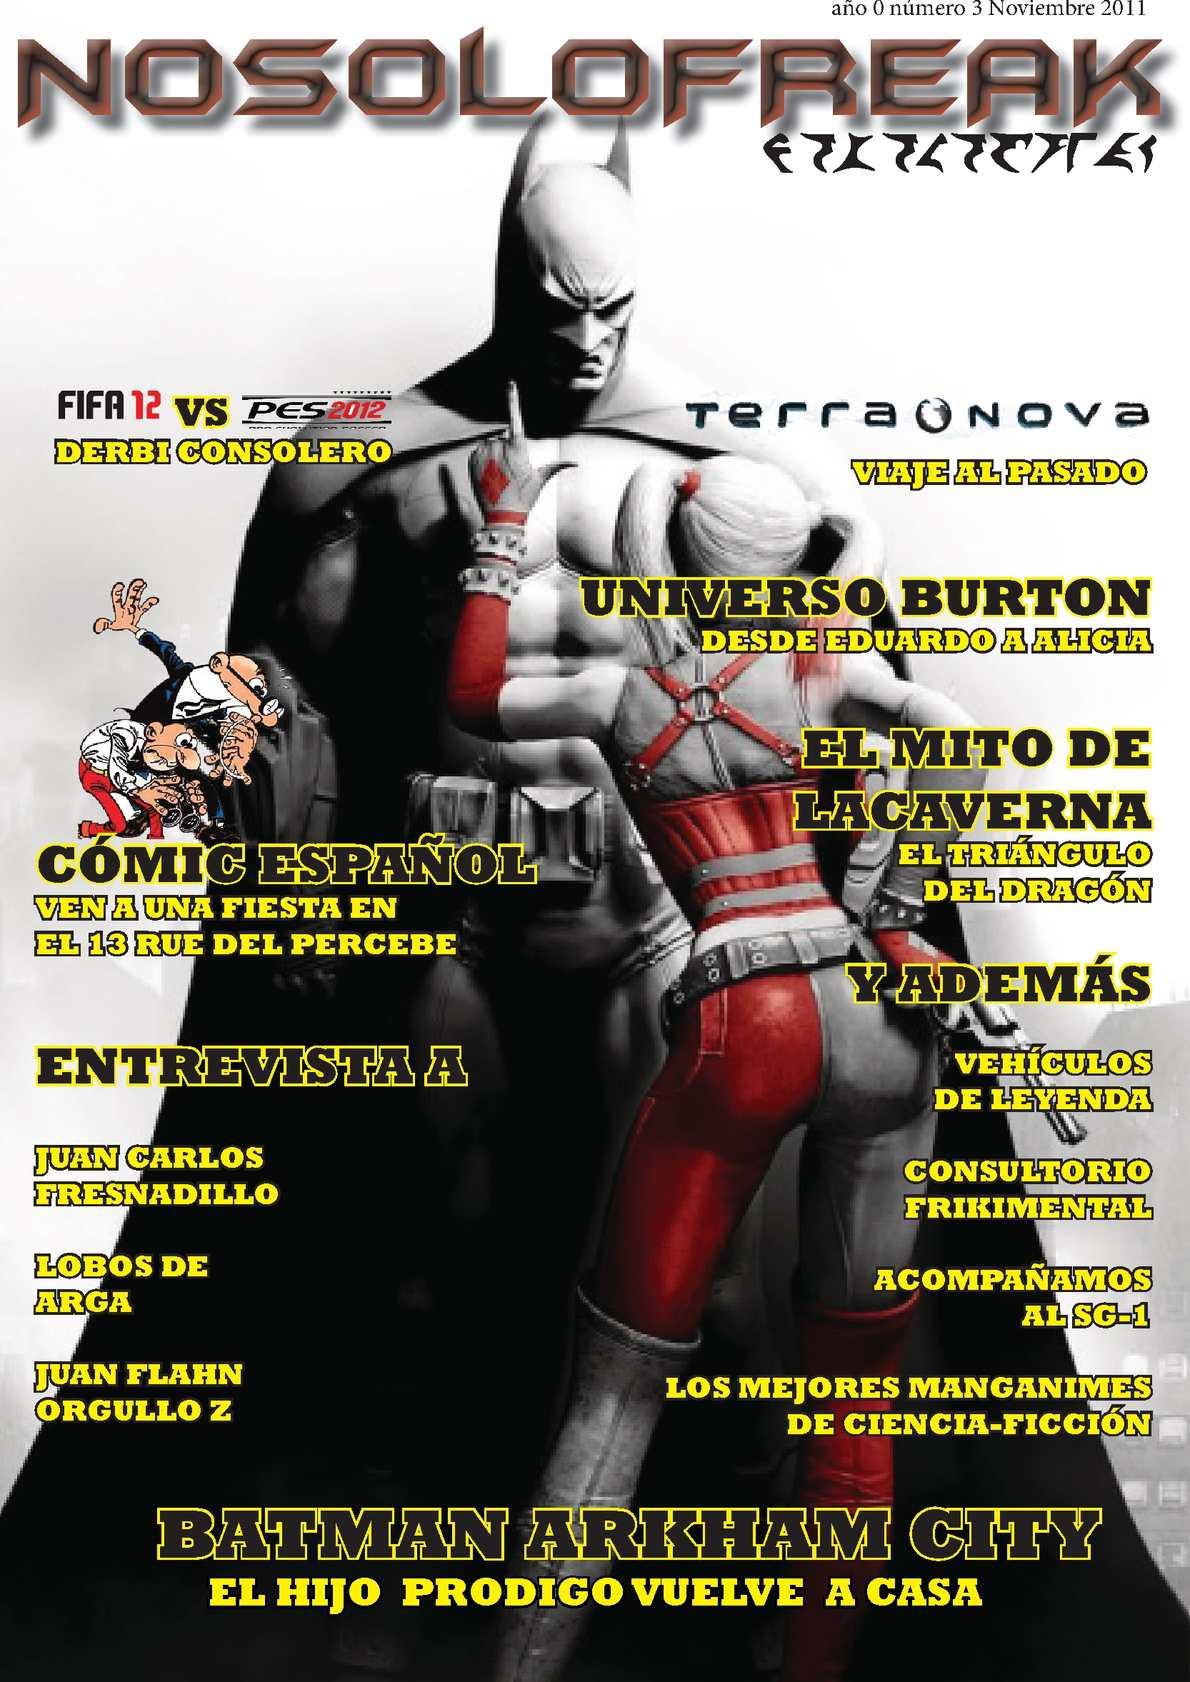 Calaméo - REVISTA NOSOLOFREAK NOVIEMBRE 2011